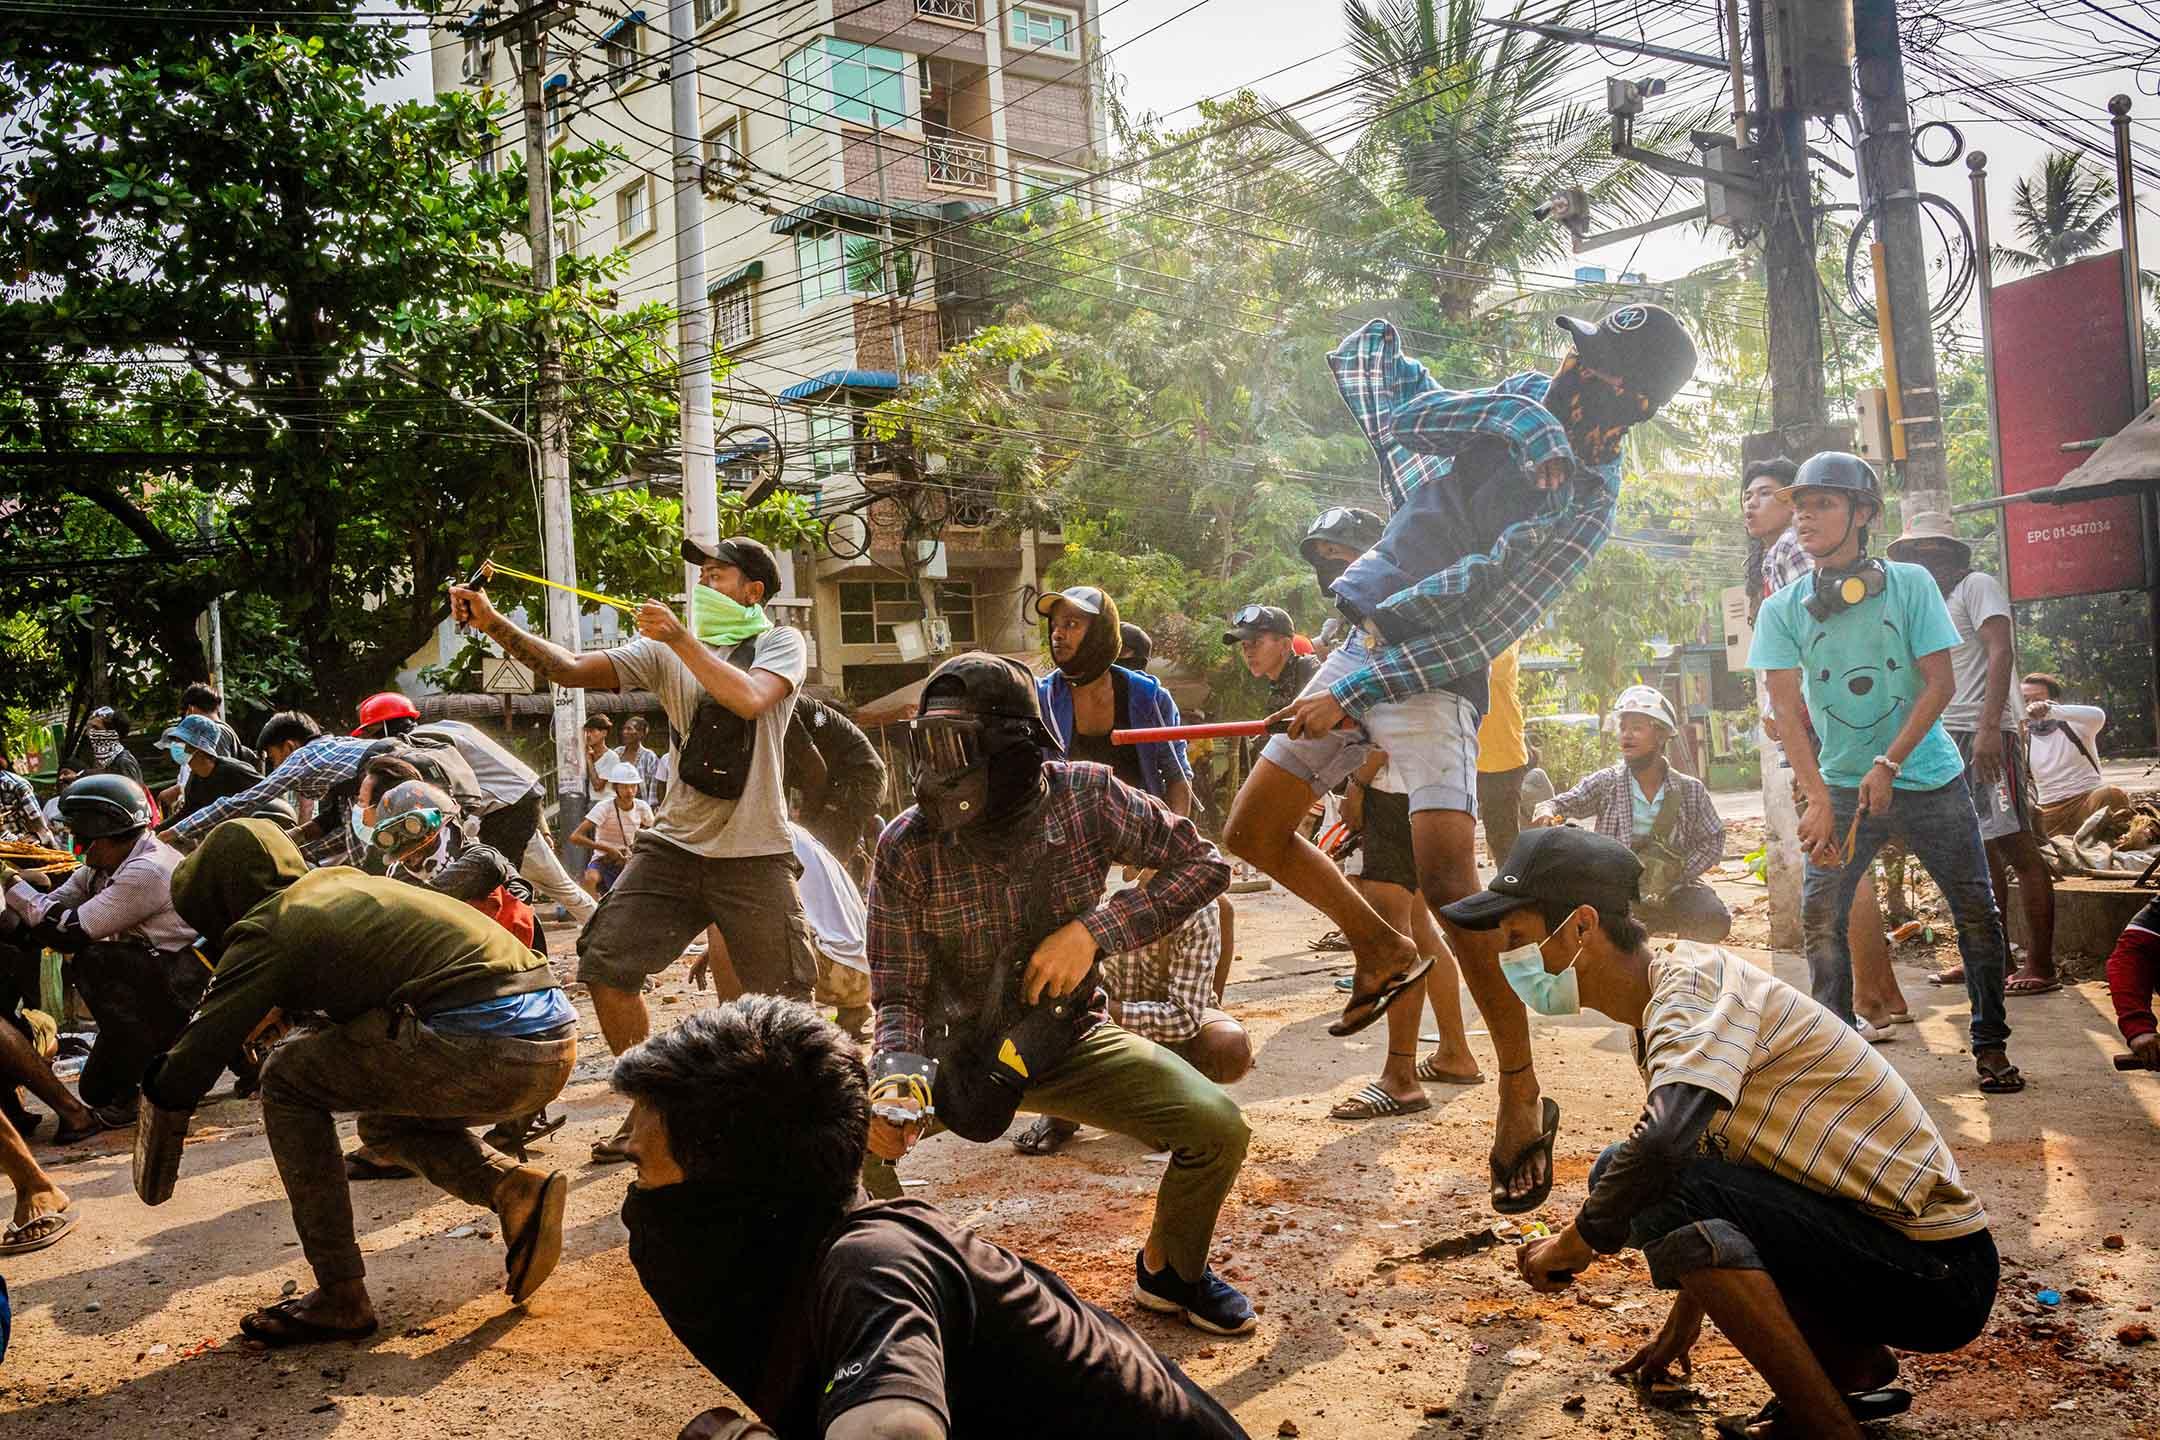 2021年3月28日緬甸仰光,示威者使用彈弓和投擲石塊逼近安全部隊。